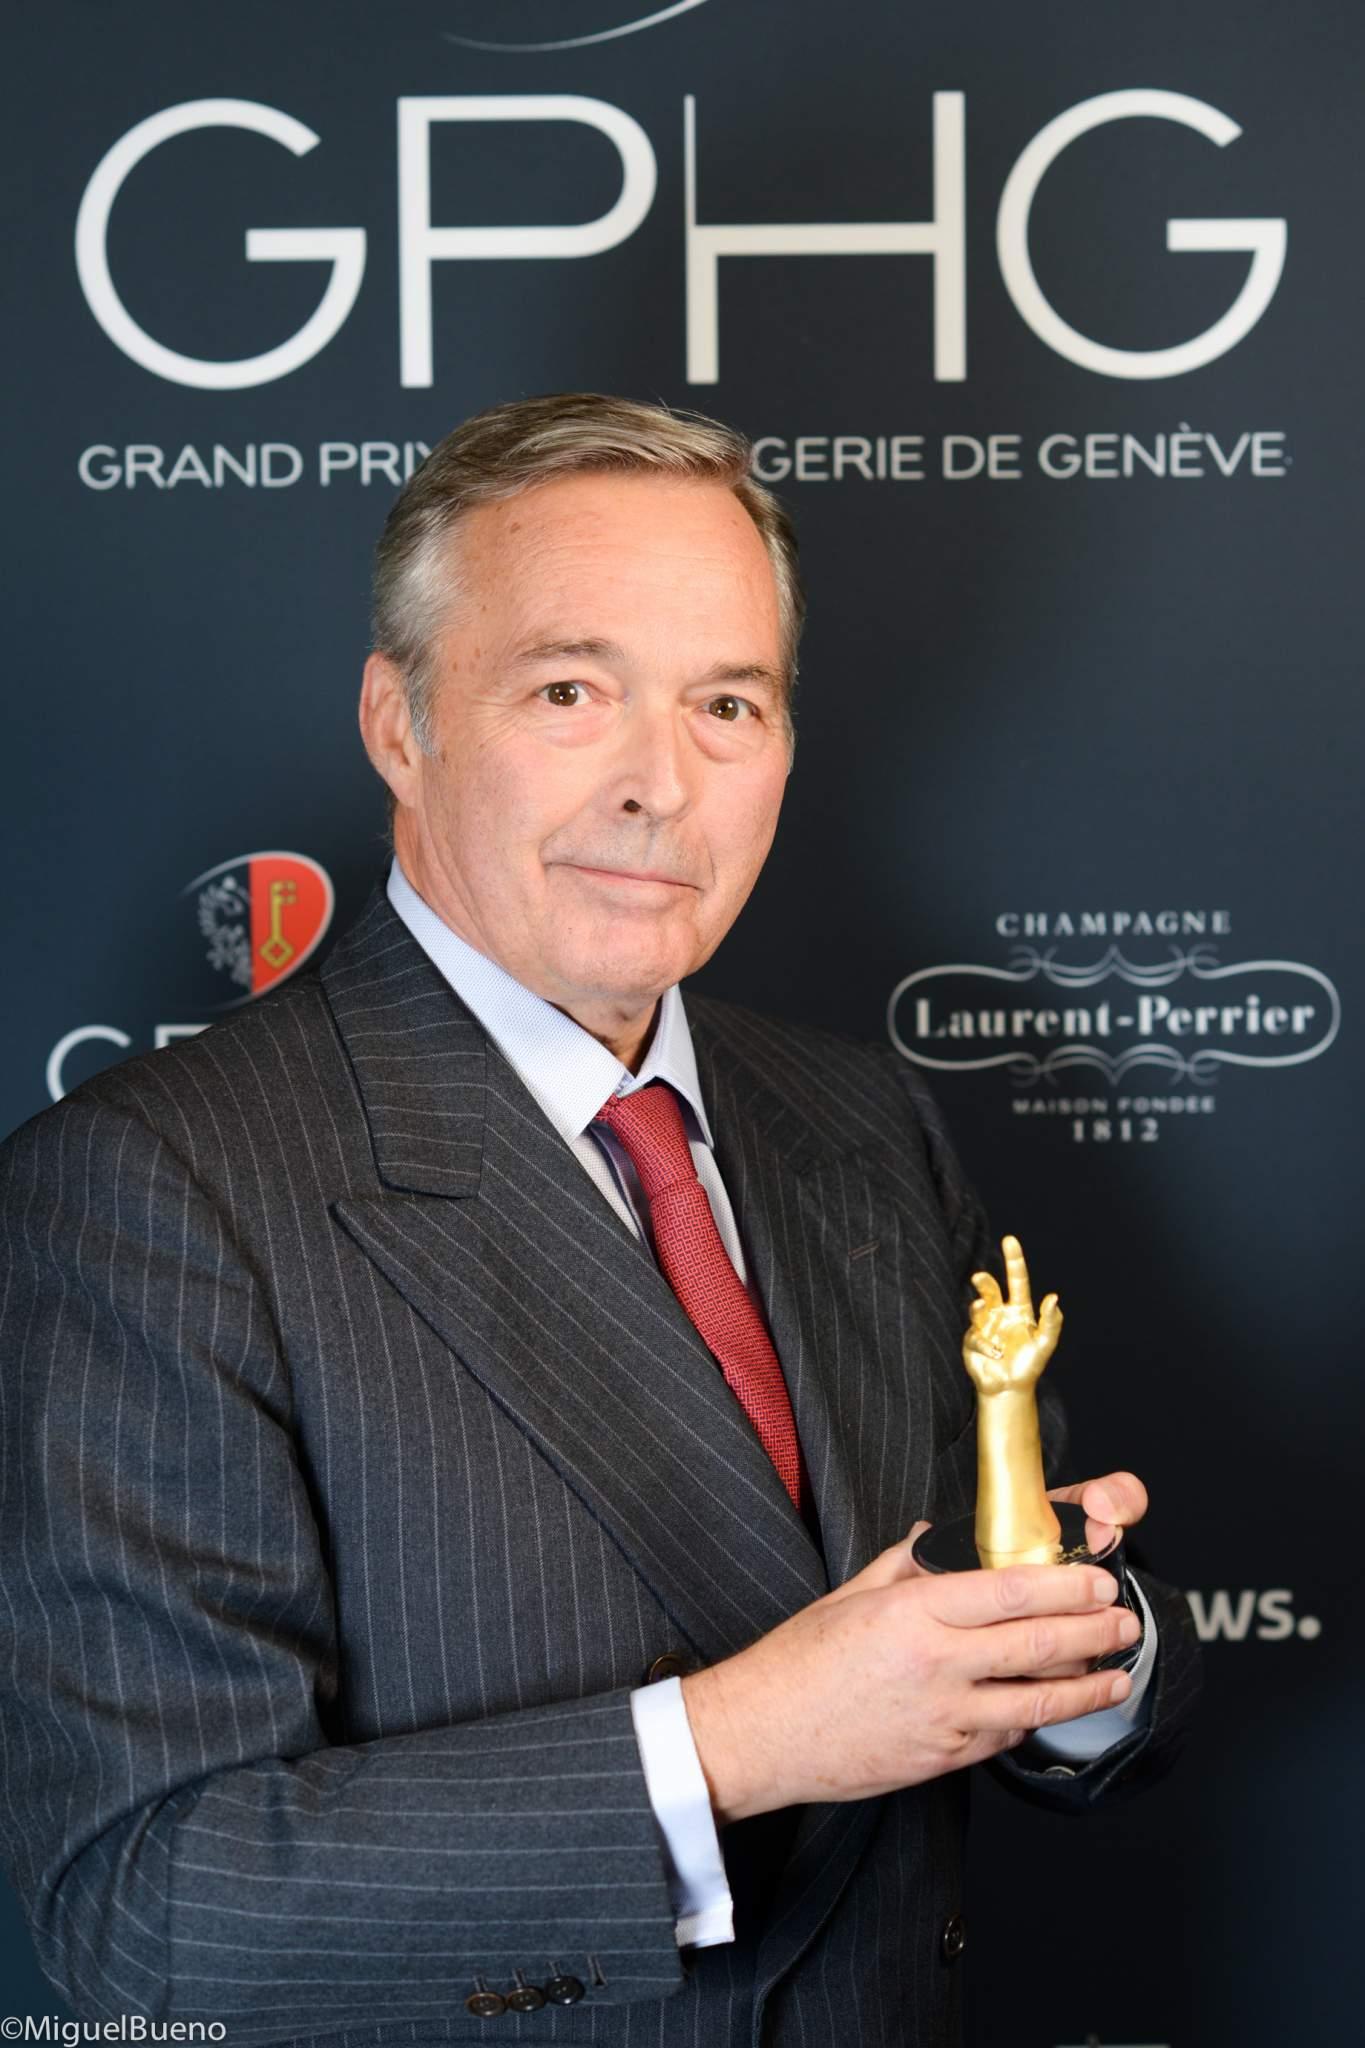 President of Chronométrie Ferdinand Berthoud, winner of the Chronometry Watch Prize 2019